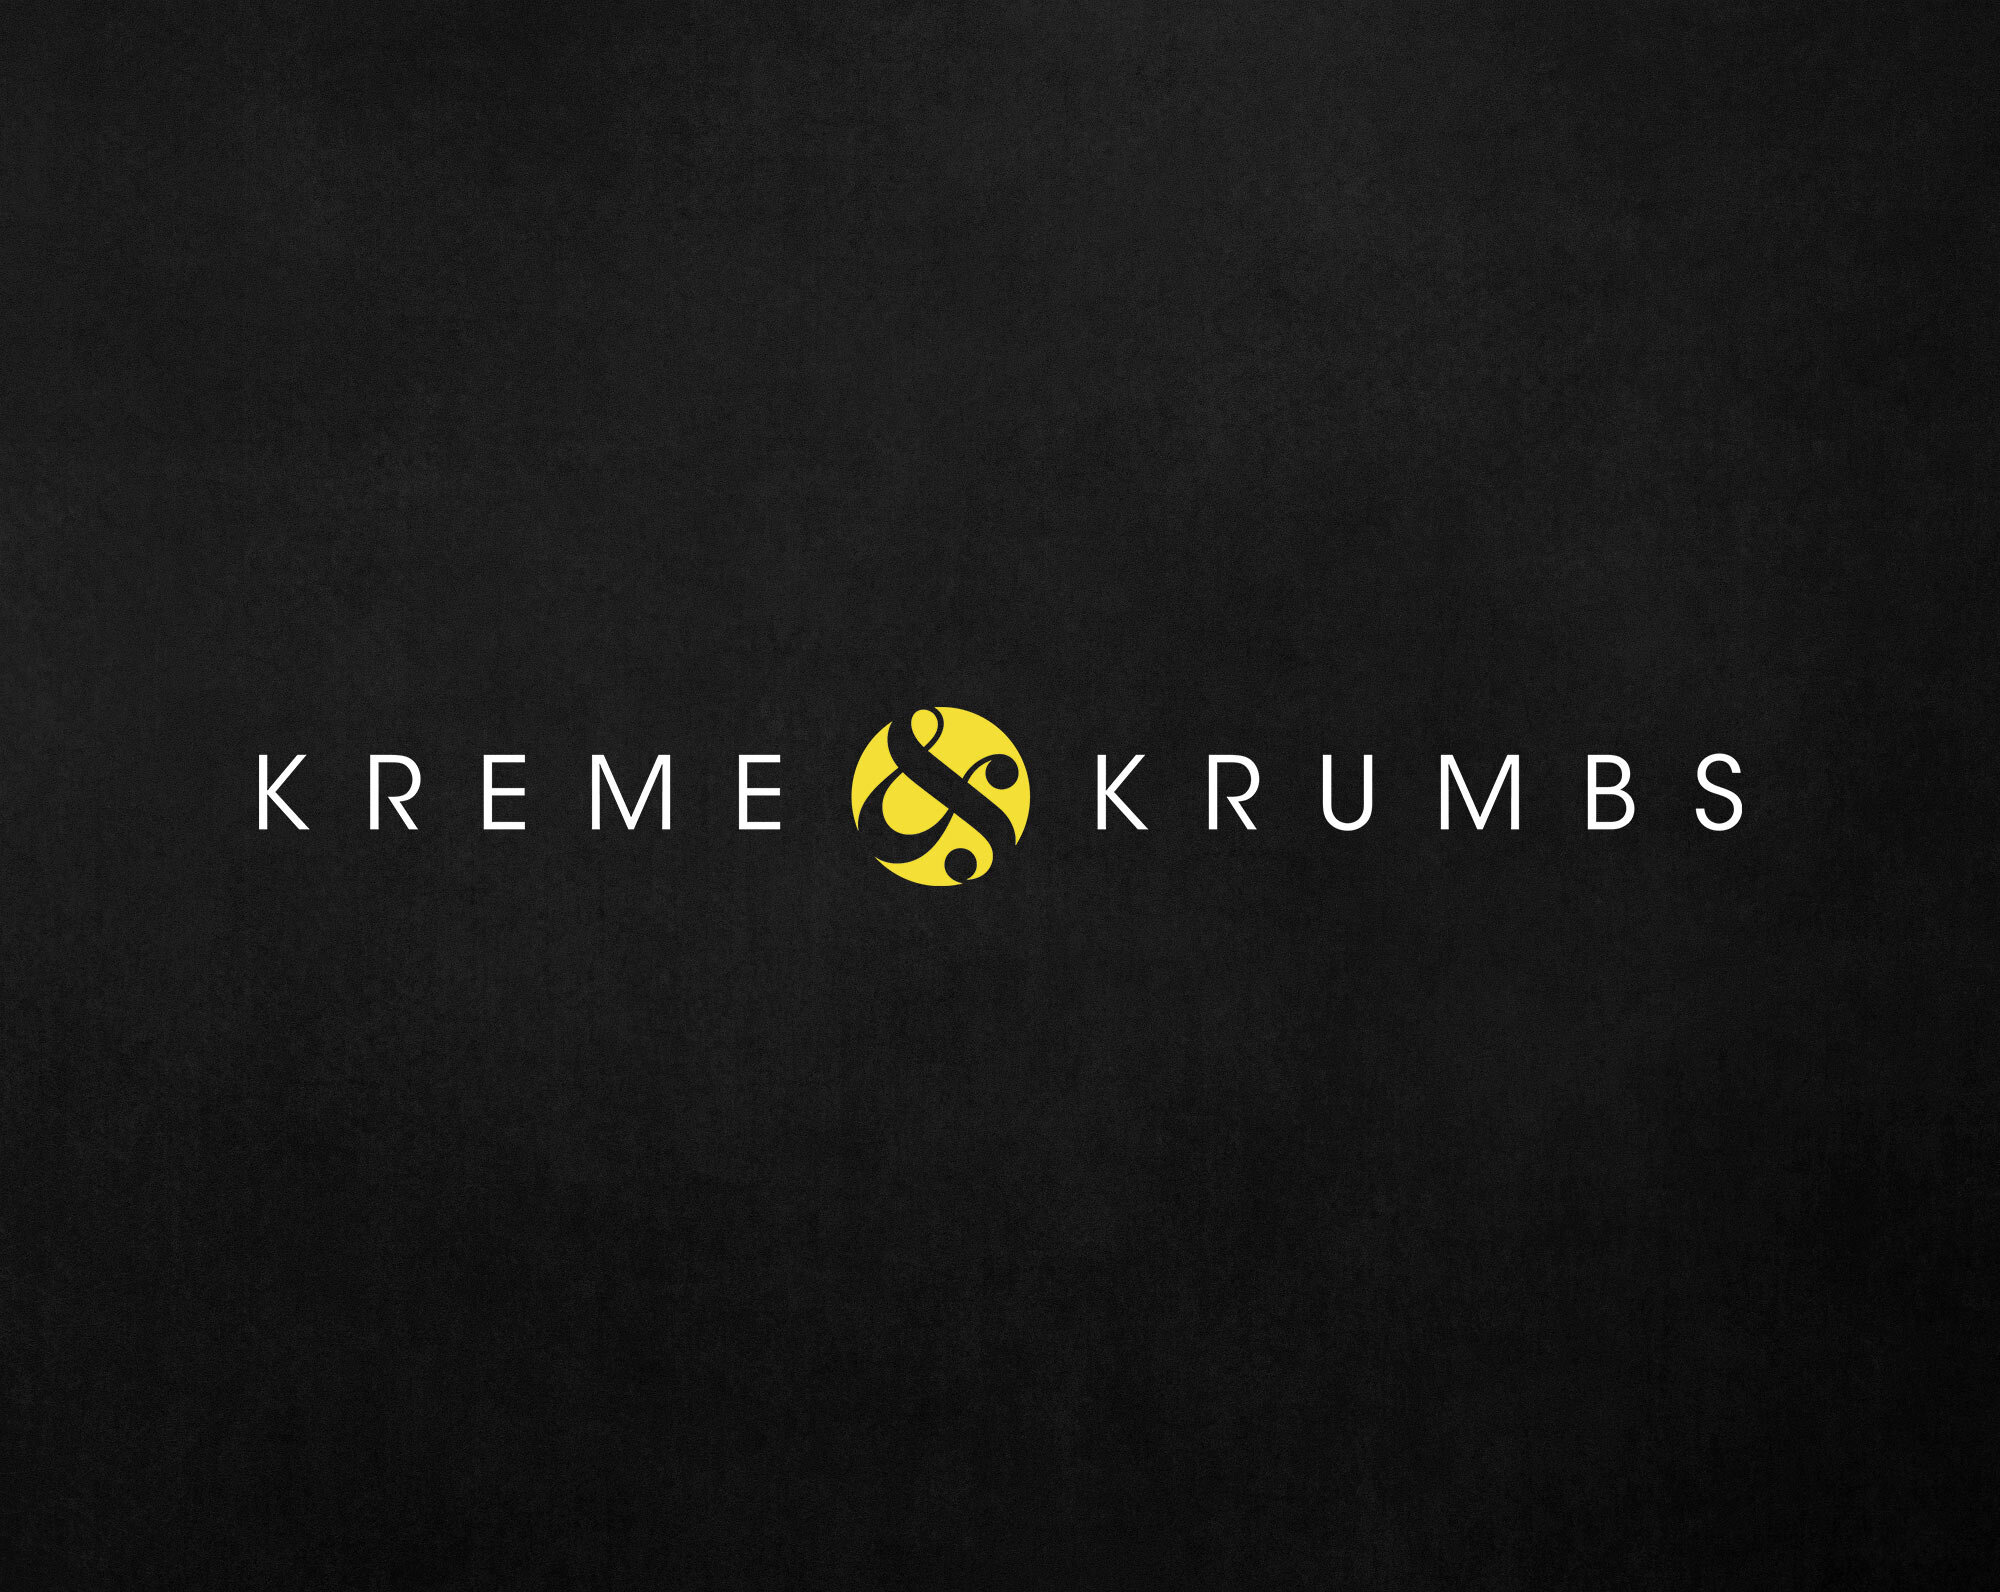 KremeKrumbsLogoMock.jpg